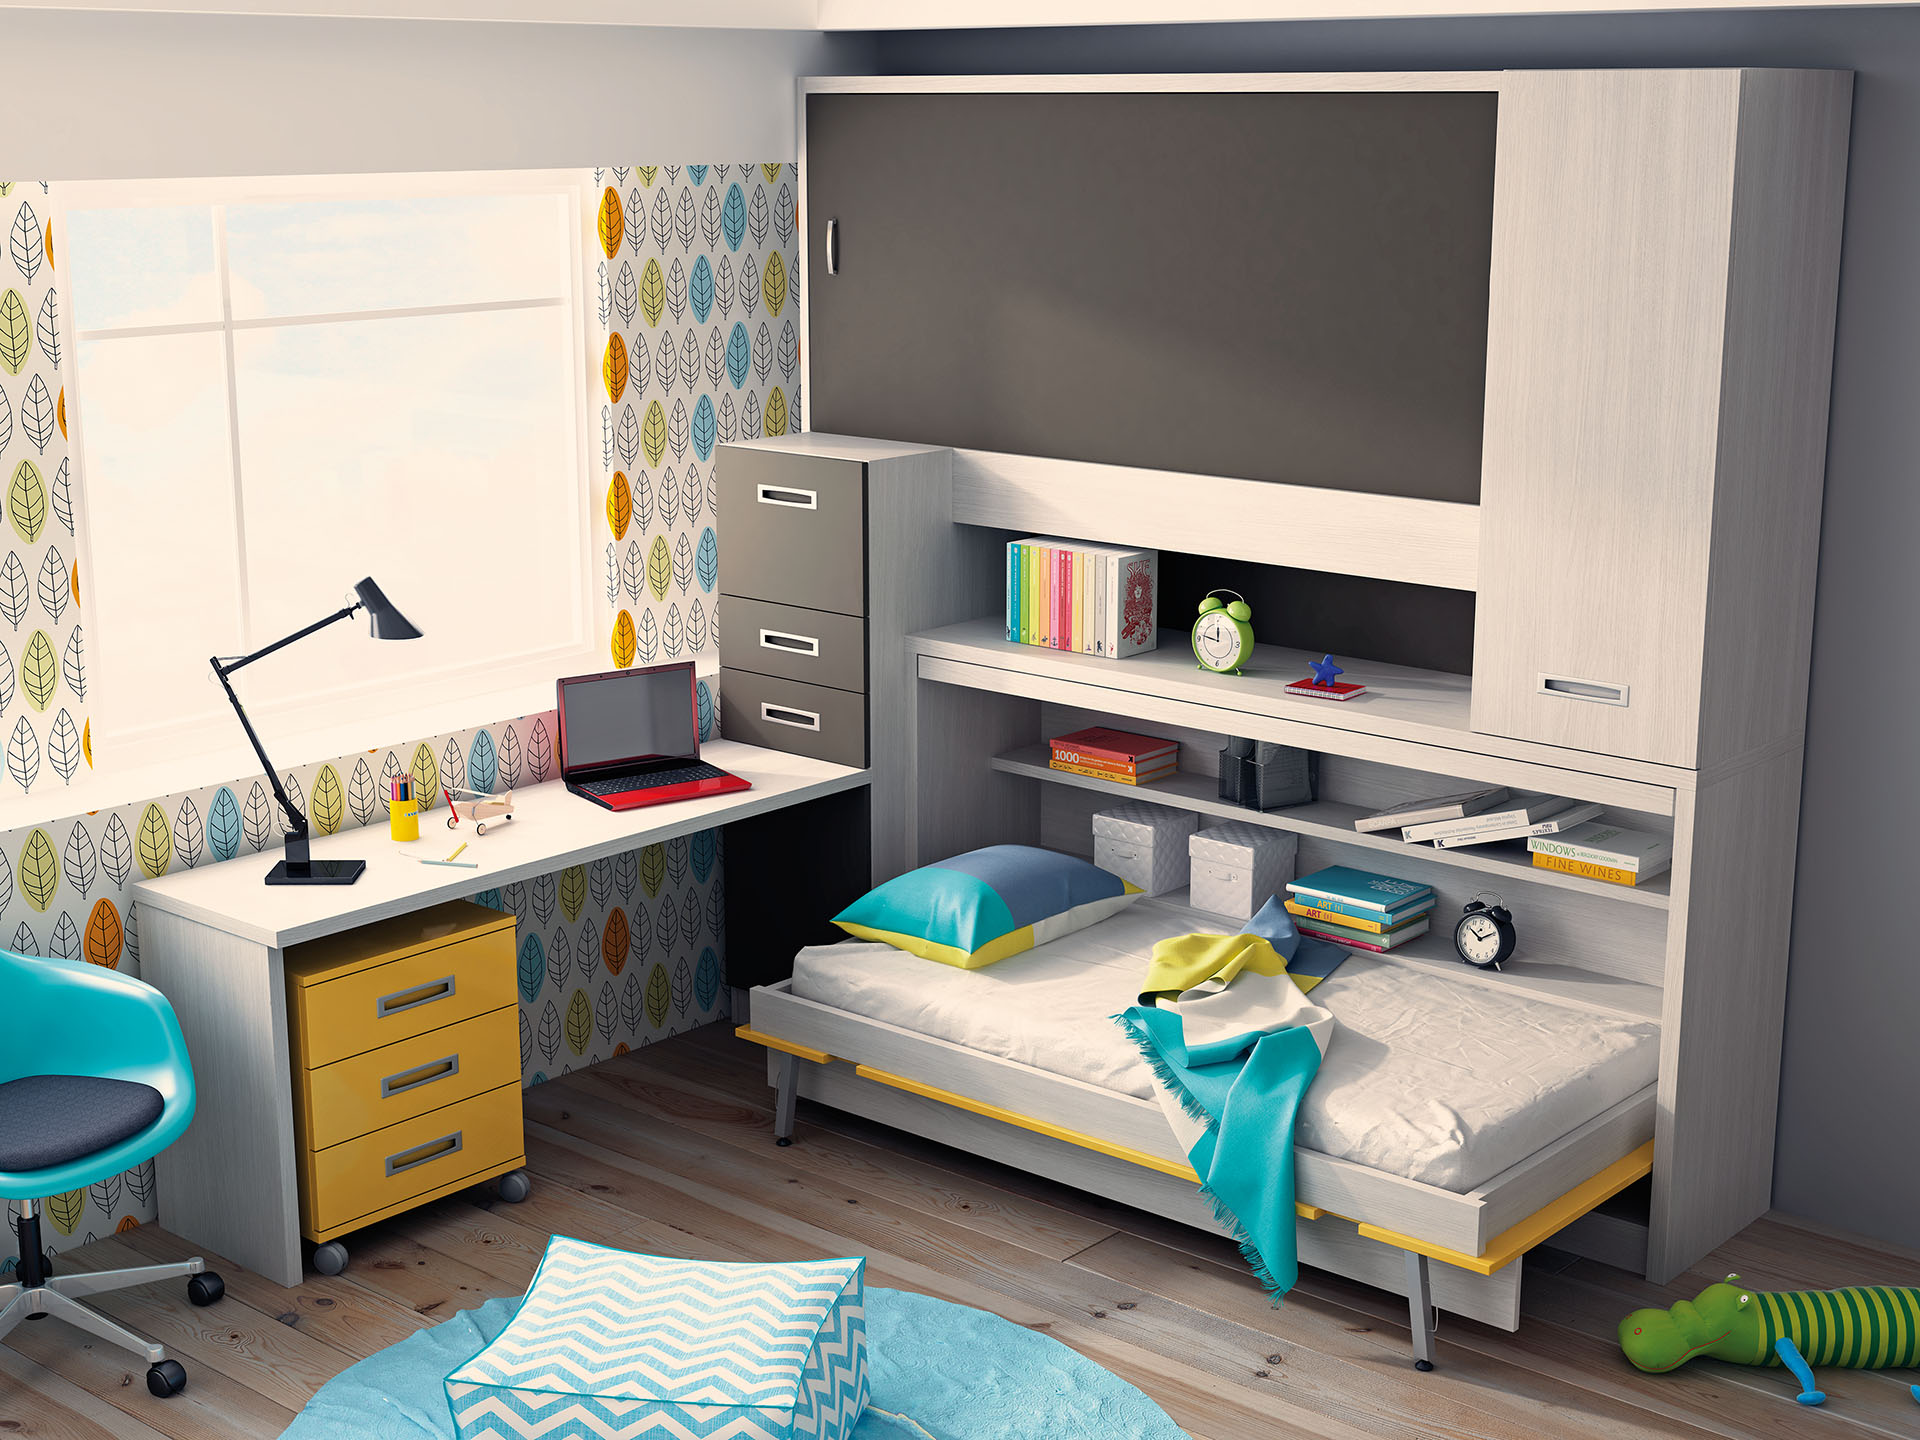 Mueble juvenil en madrid en dise o juvenil for Habitaciones en madrid